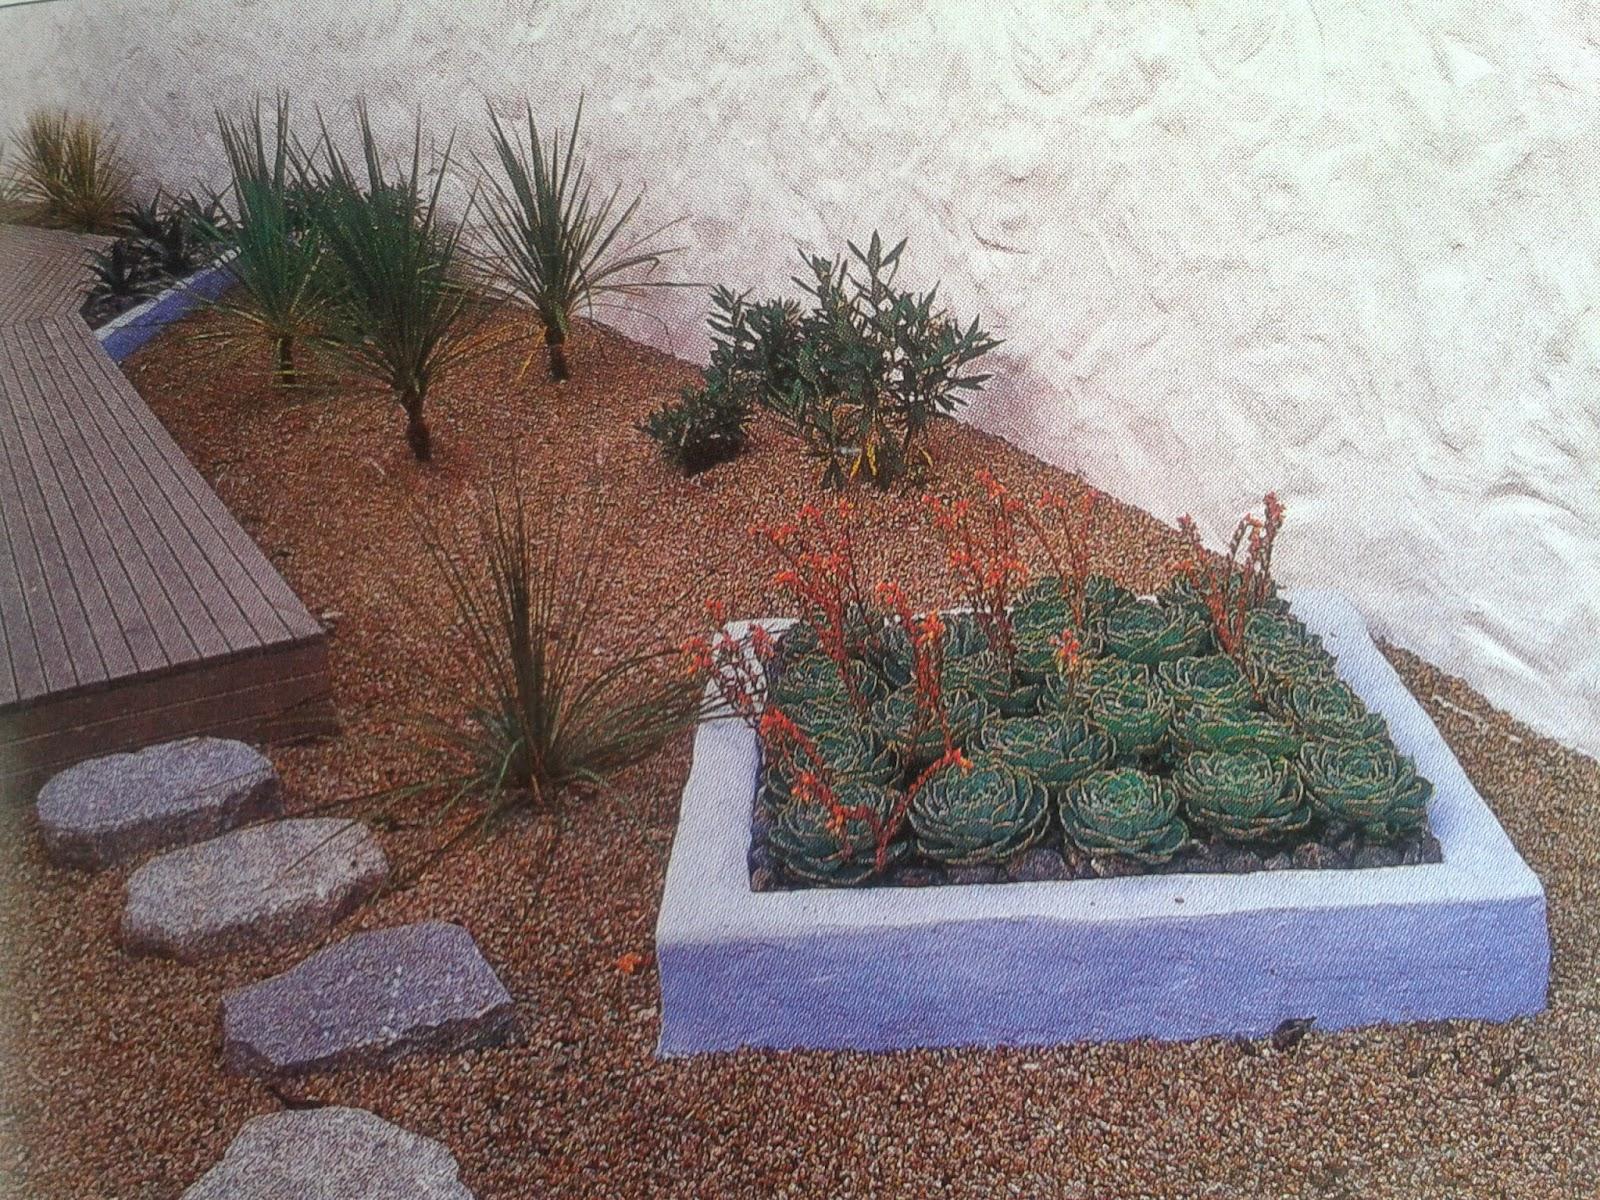 en color caf y los muebles reciclados pintados en color azul como pavimento gravilla y las piedras sugiriendo el camino a seguir hacia el deck